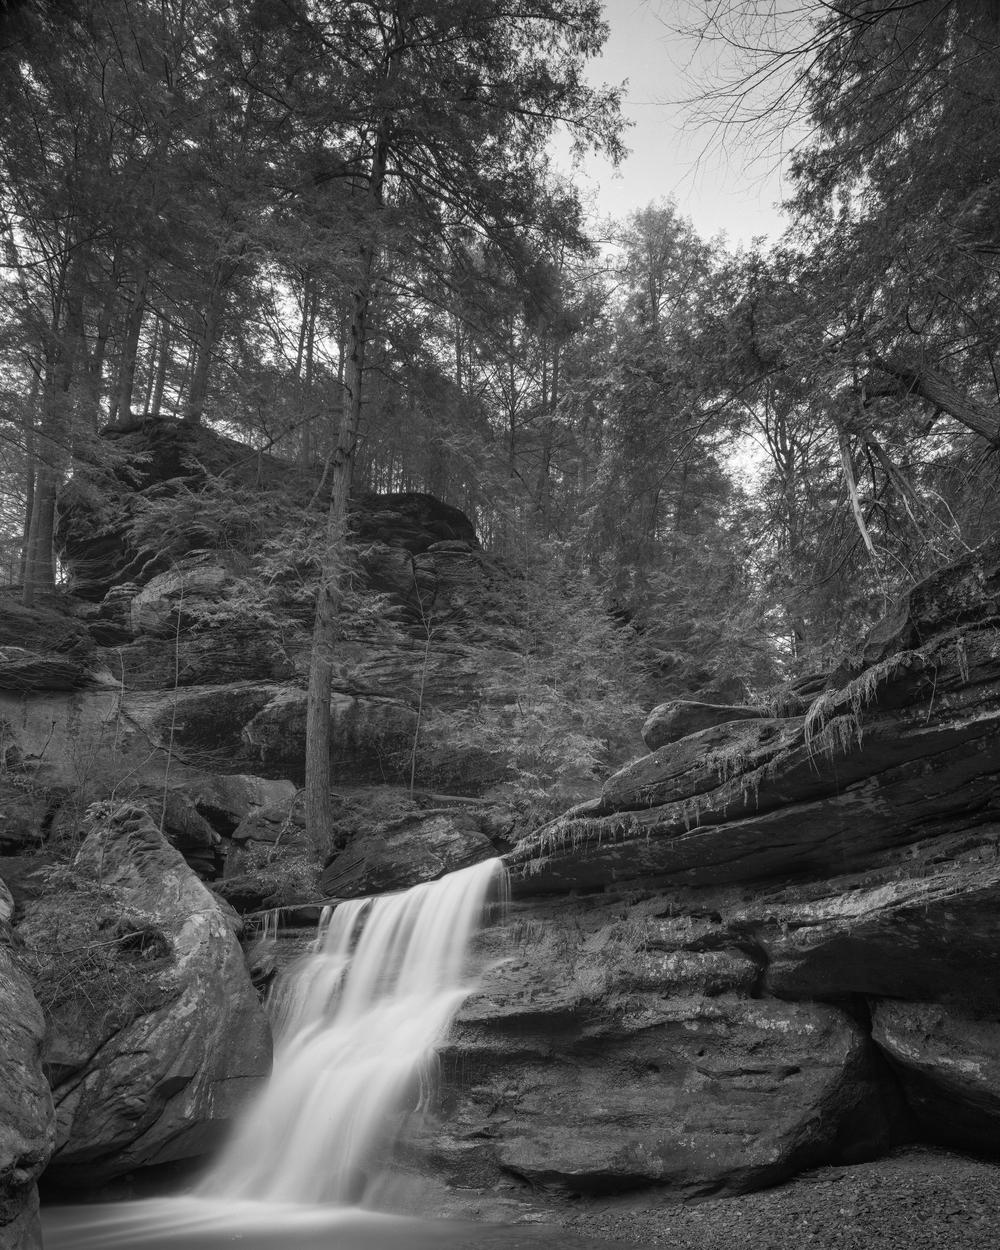 Buckeye Trail Falls